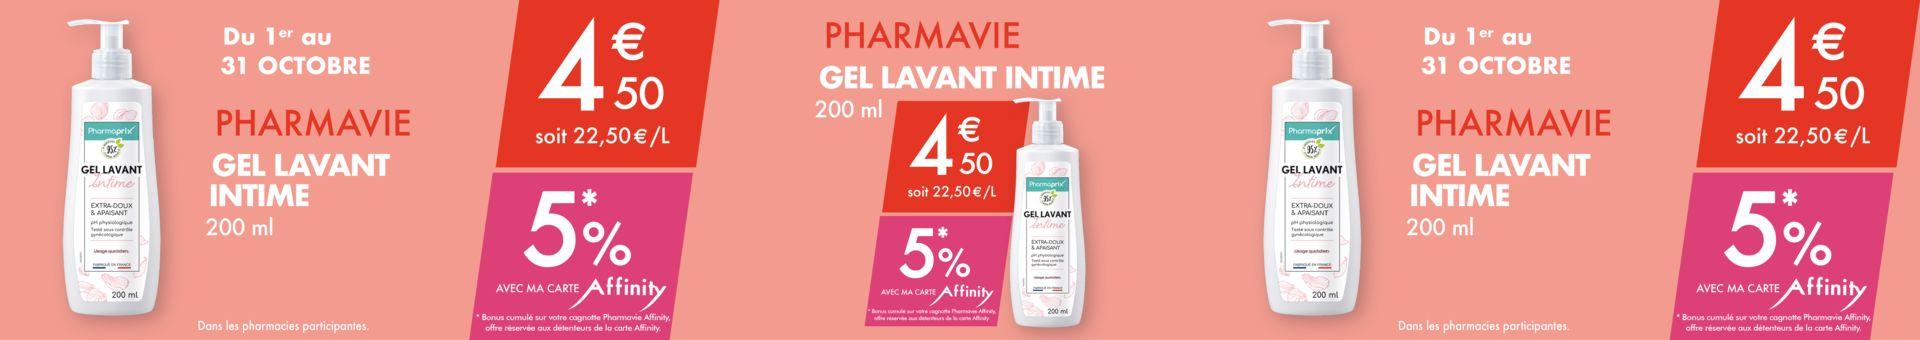 Pharmacie du Val d'Amour,DOLE